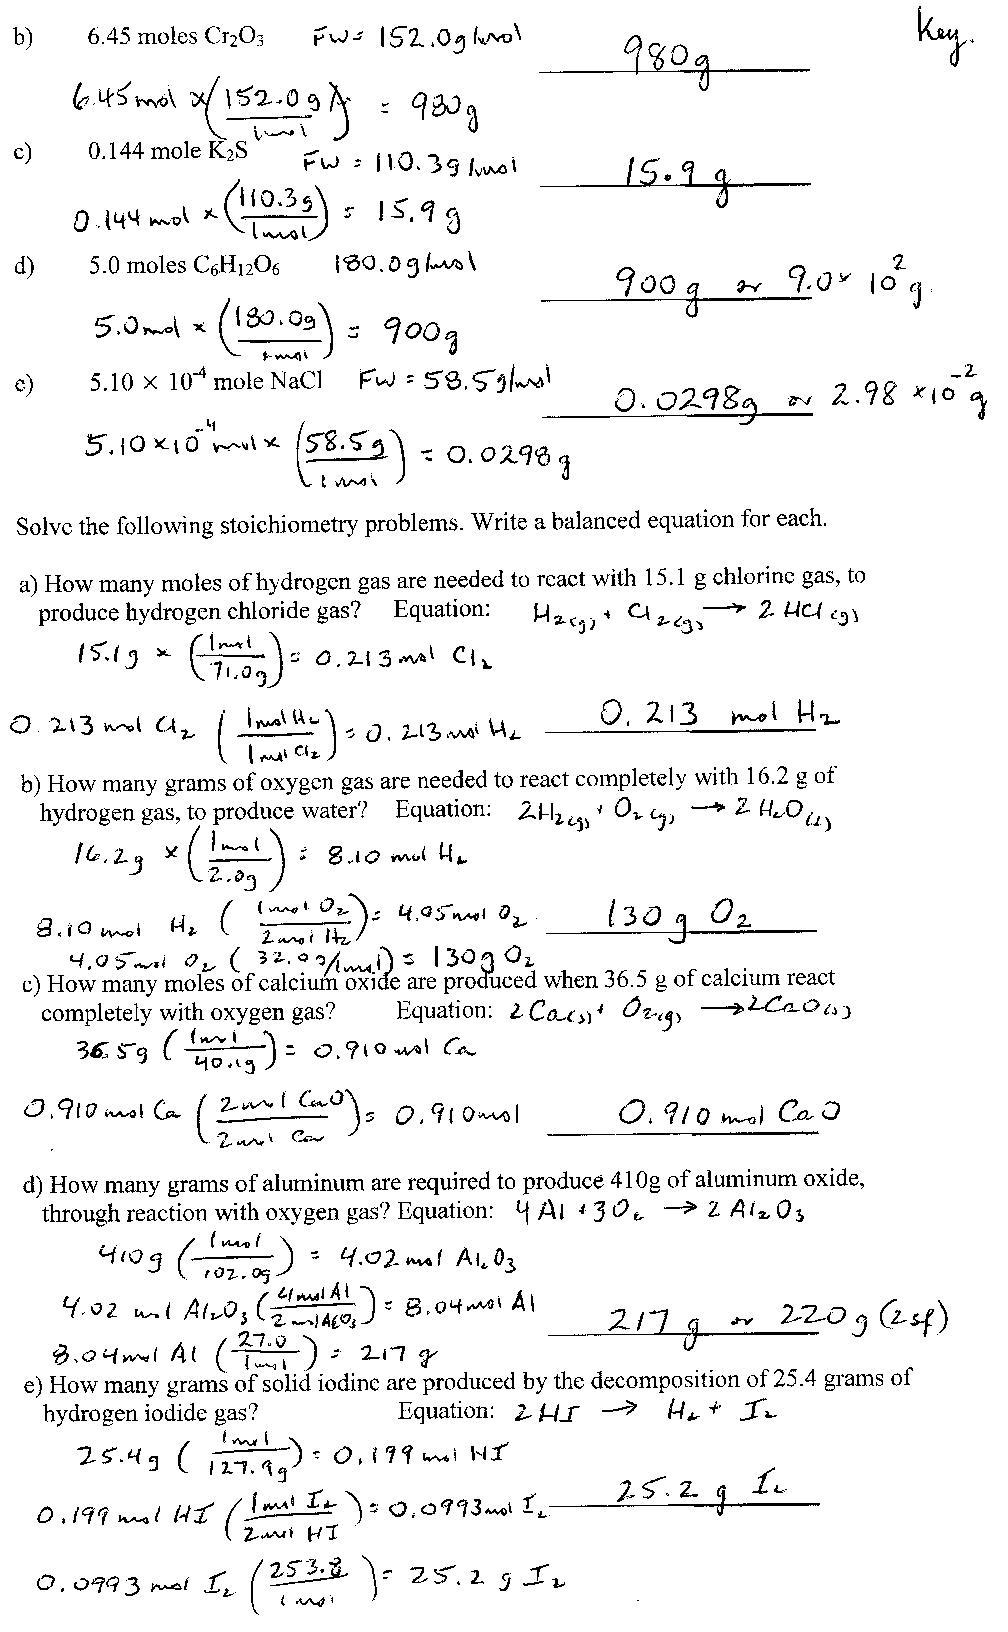 Chemistry Stoichiometry Worksheet Worksheets For All